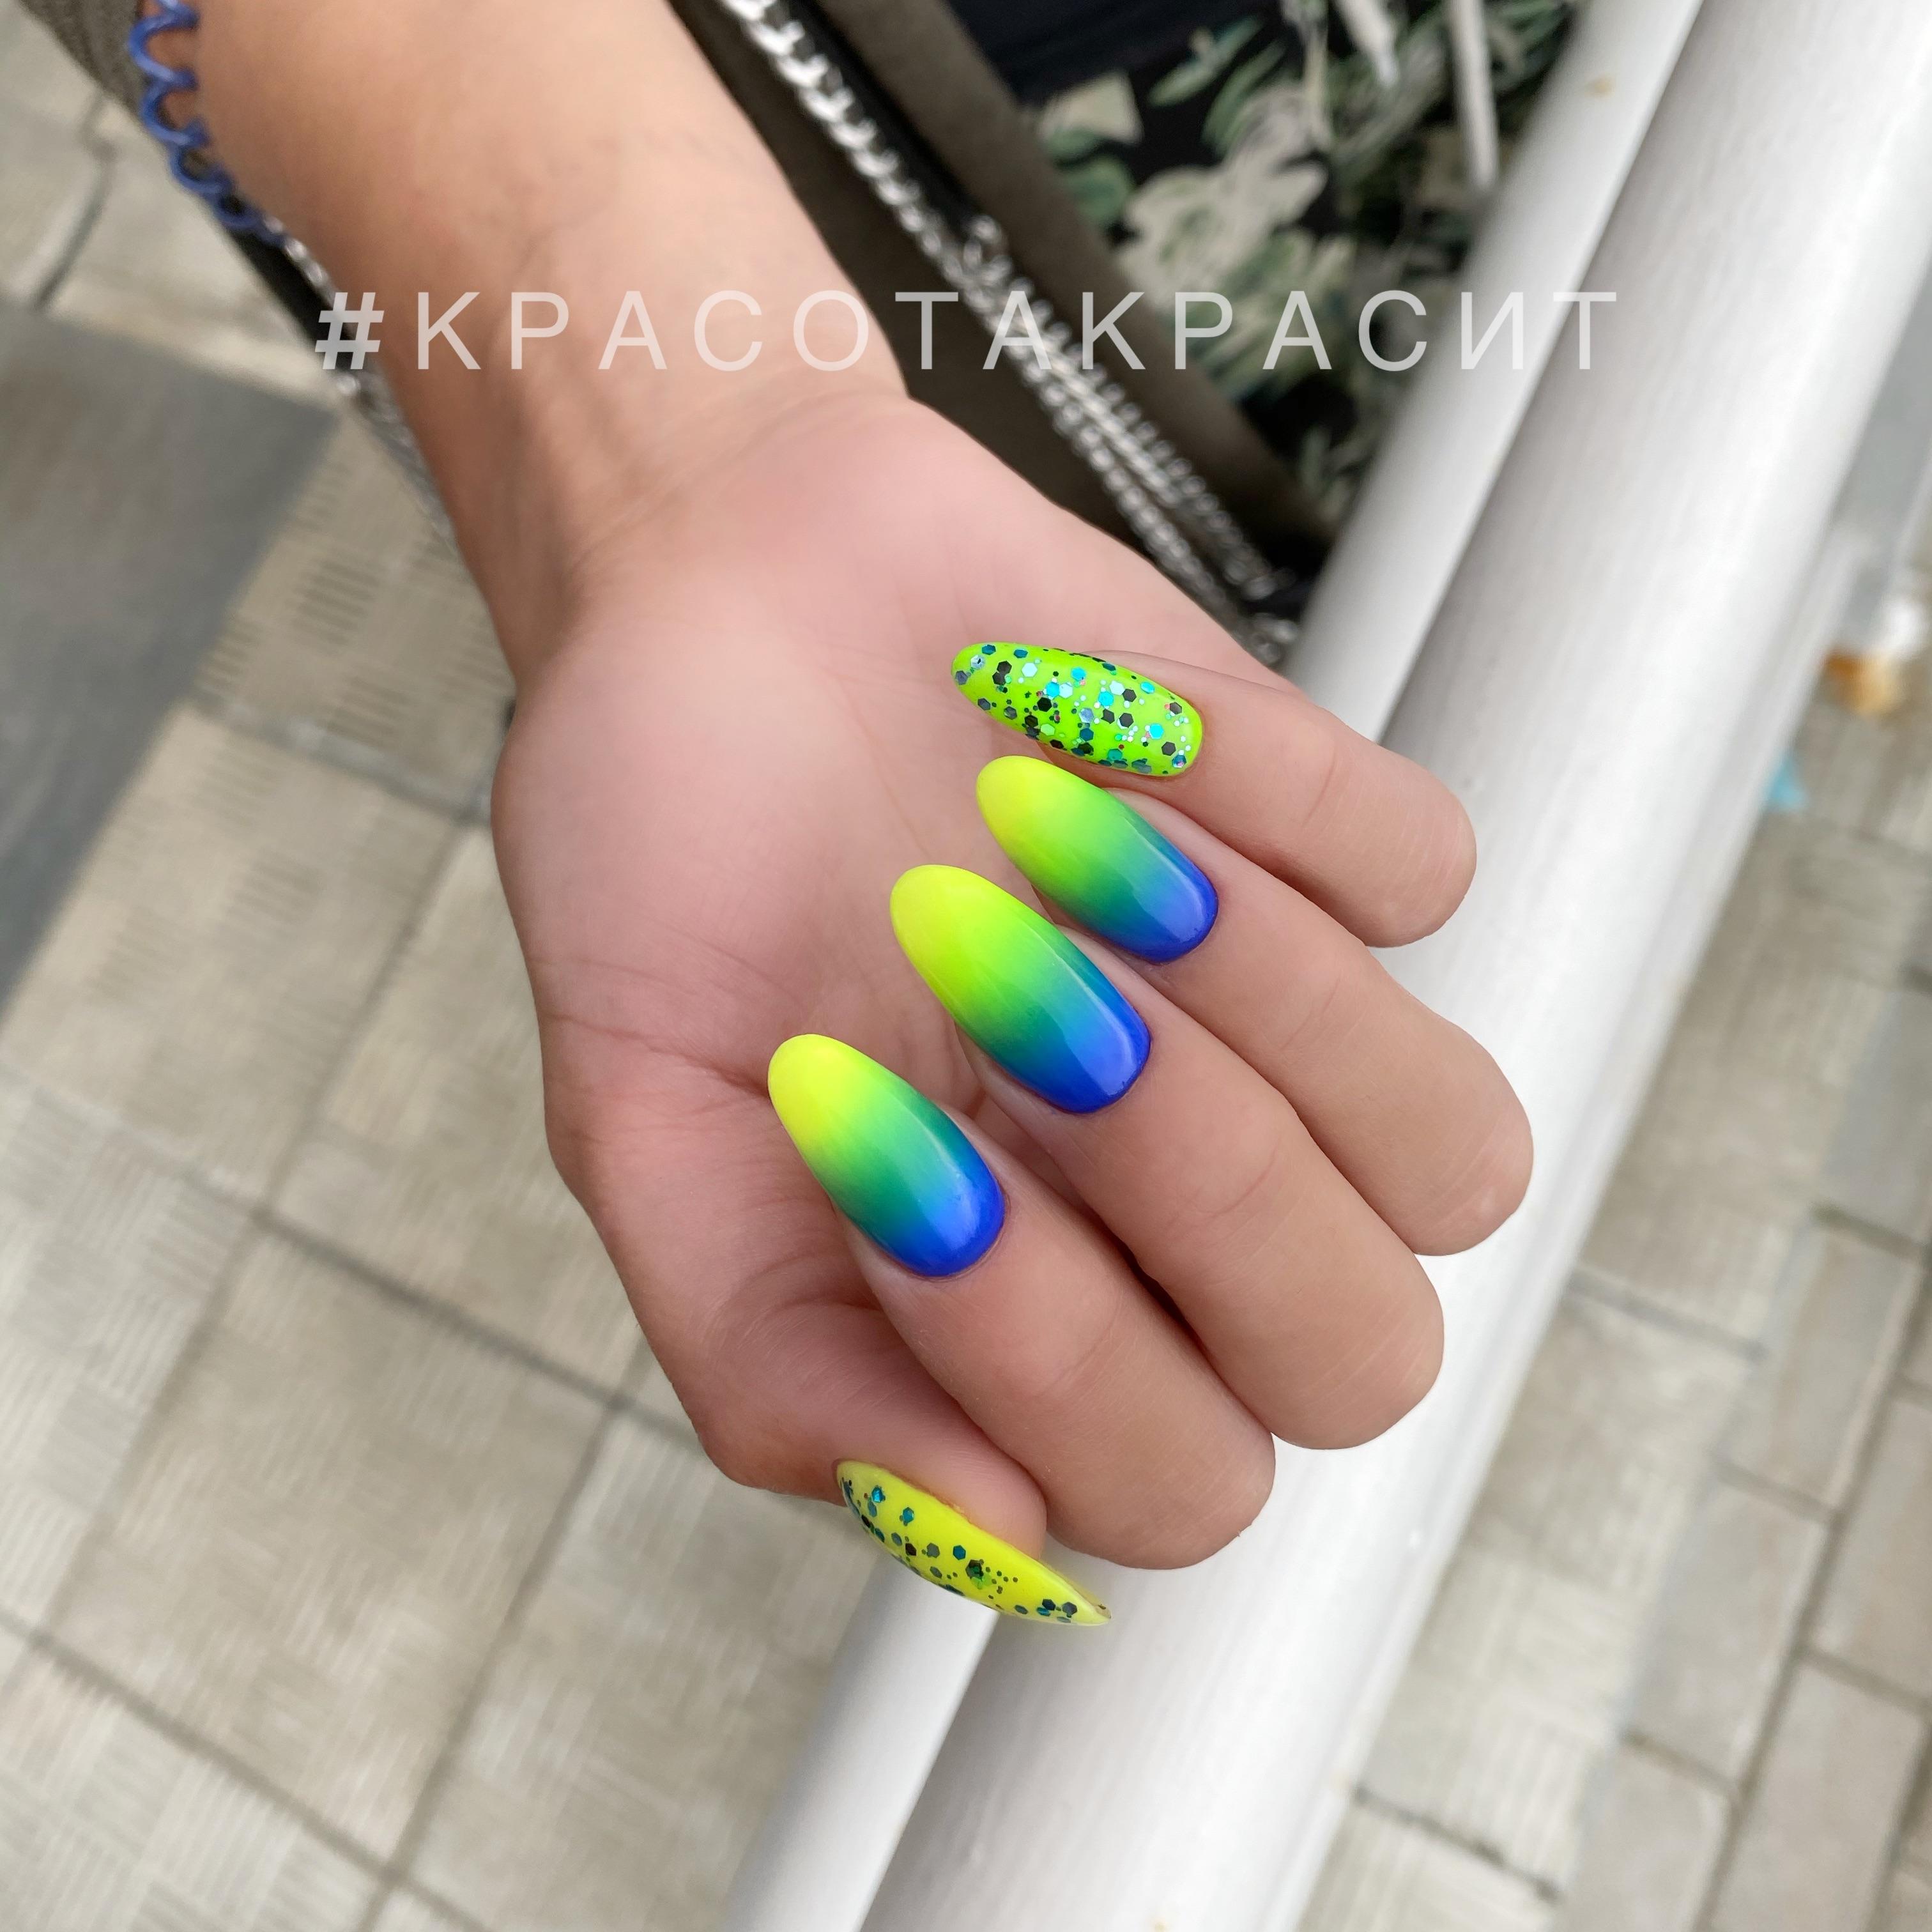 Маникюр с градиентом и цветными камифубуки на длинные ногти.